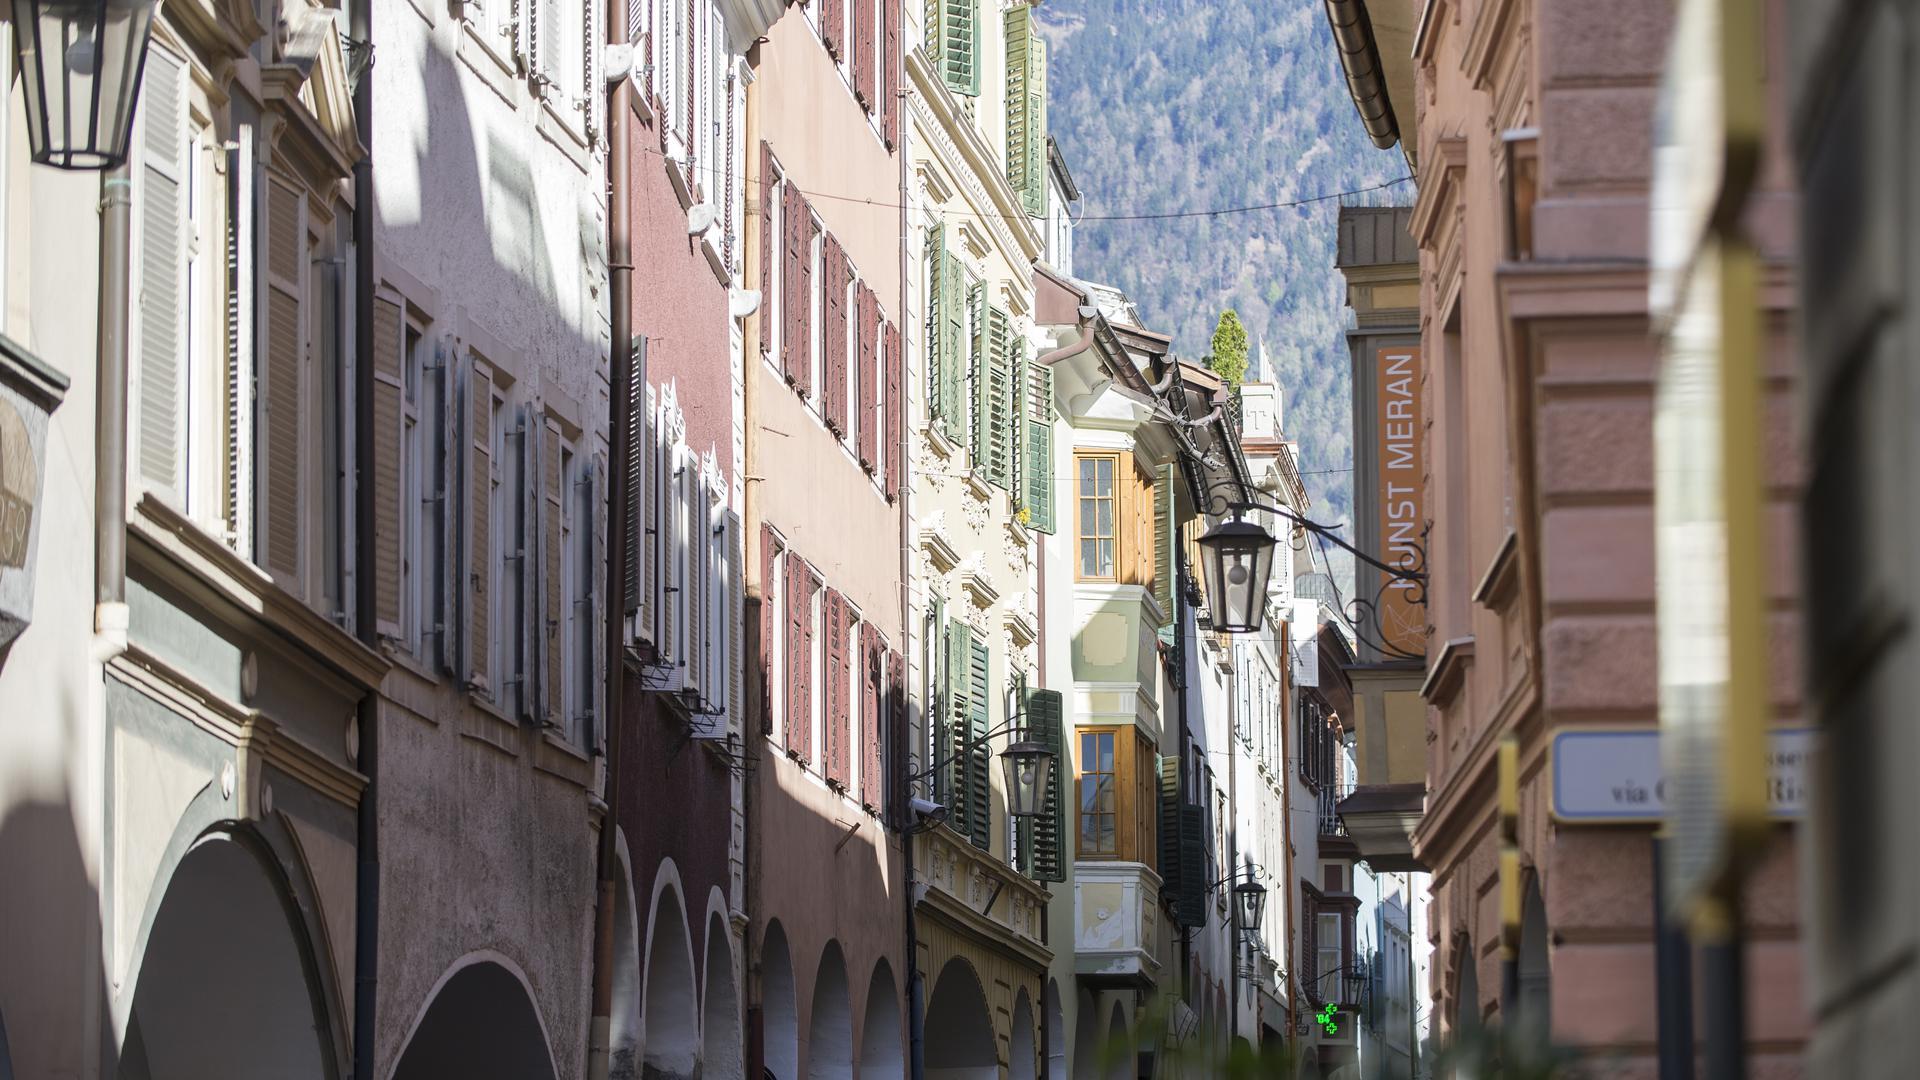 Die Lauben in der Altstadt von Meran mit ihren Passagen beherbergen heute viele Geschäfte und Cafés.